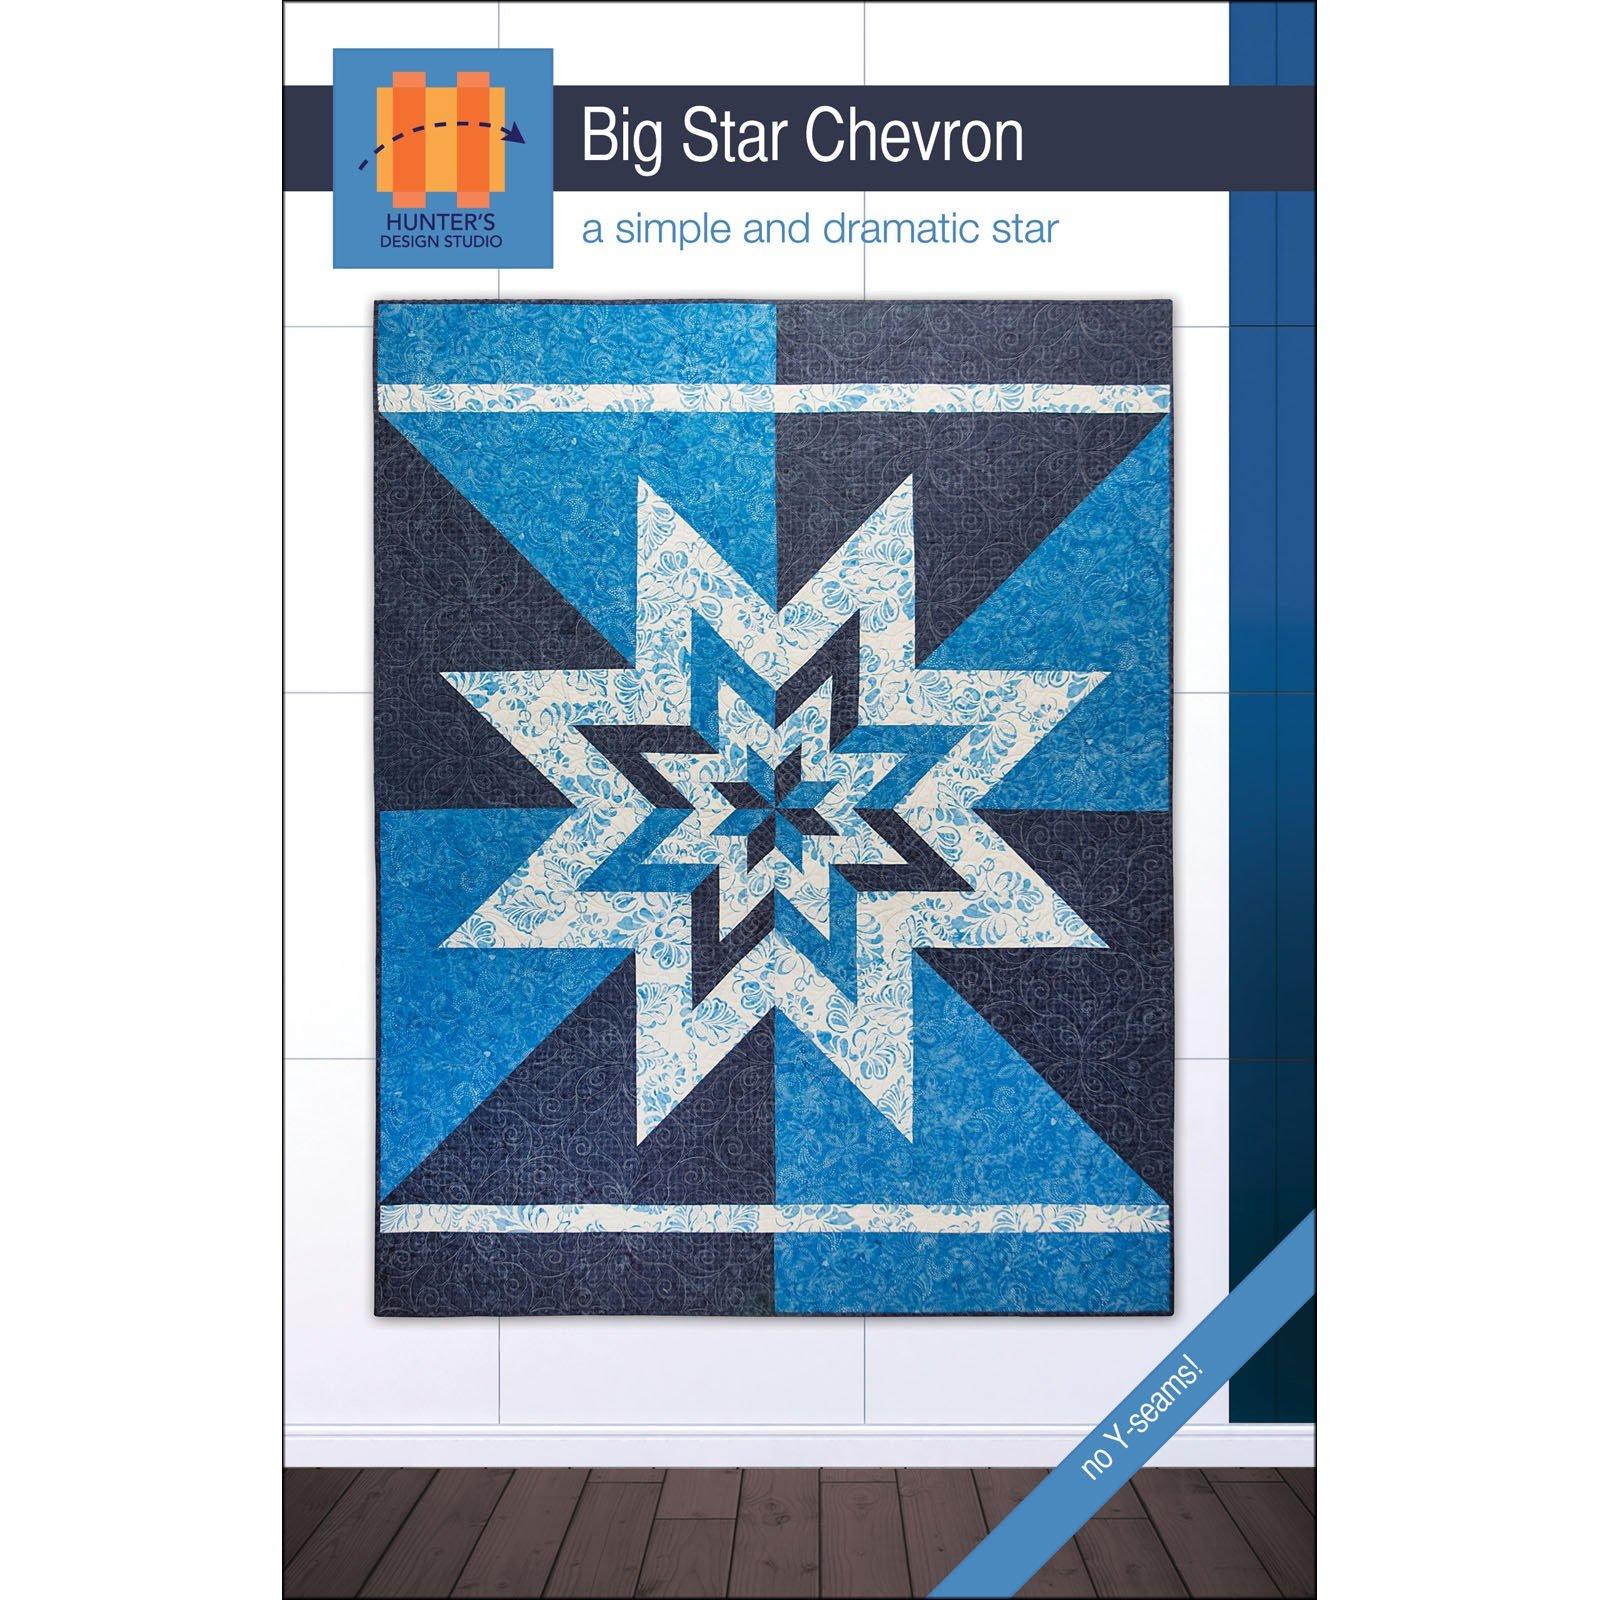 Big Star Chevron